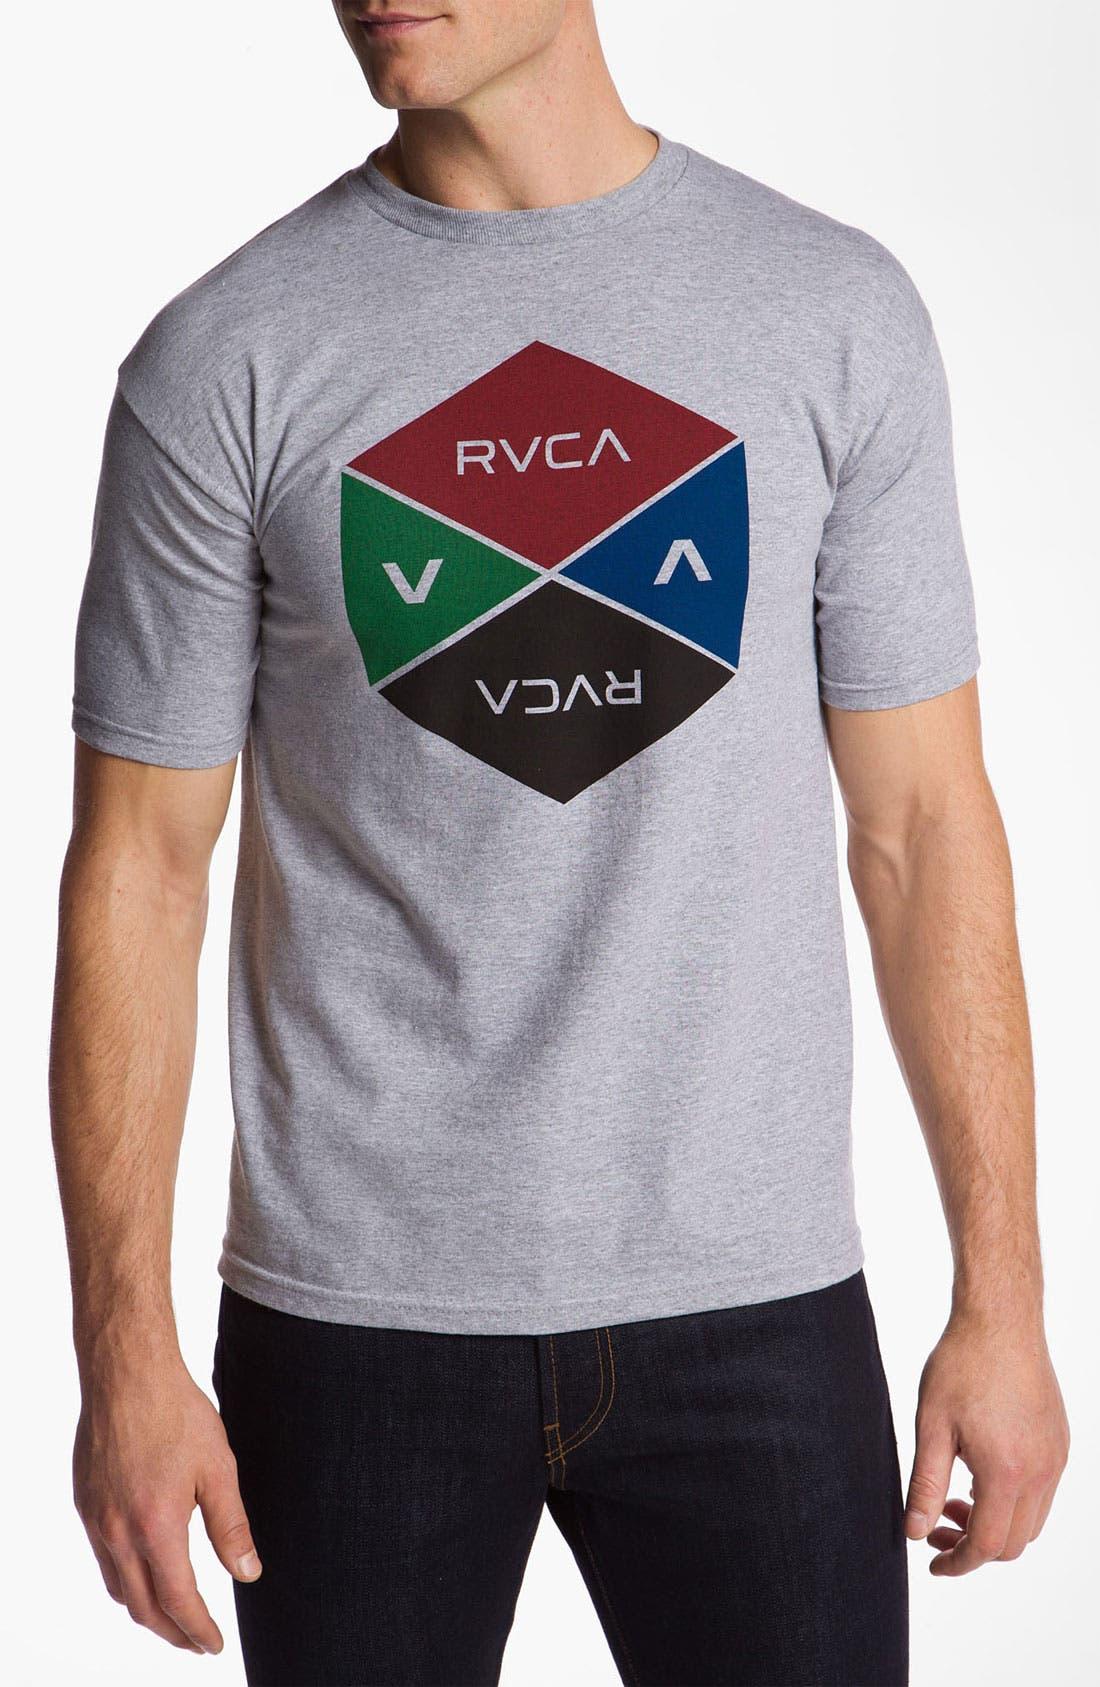 Main Image - RVCA 'Hexy' T-Shirt